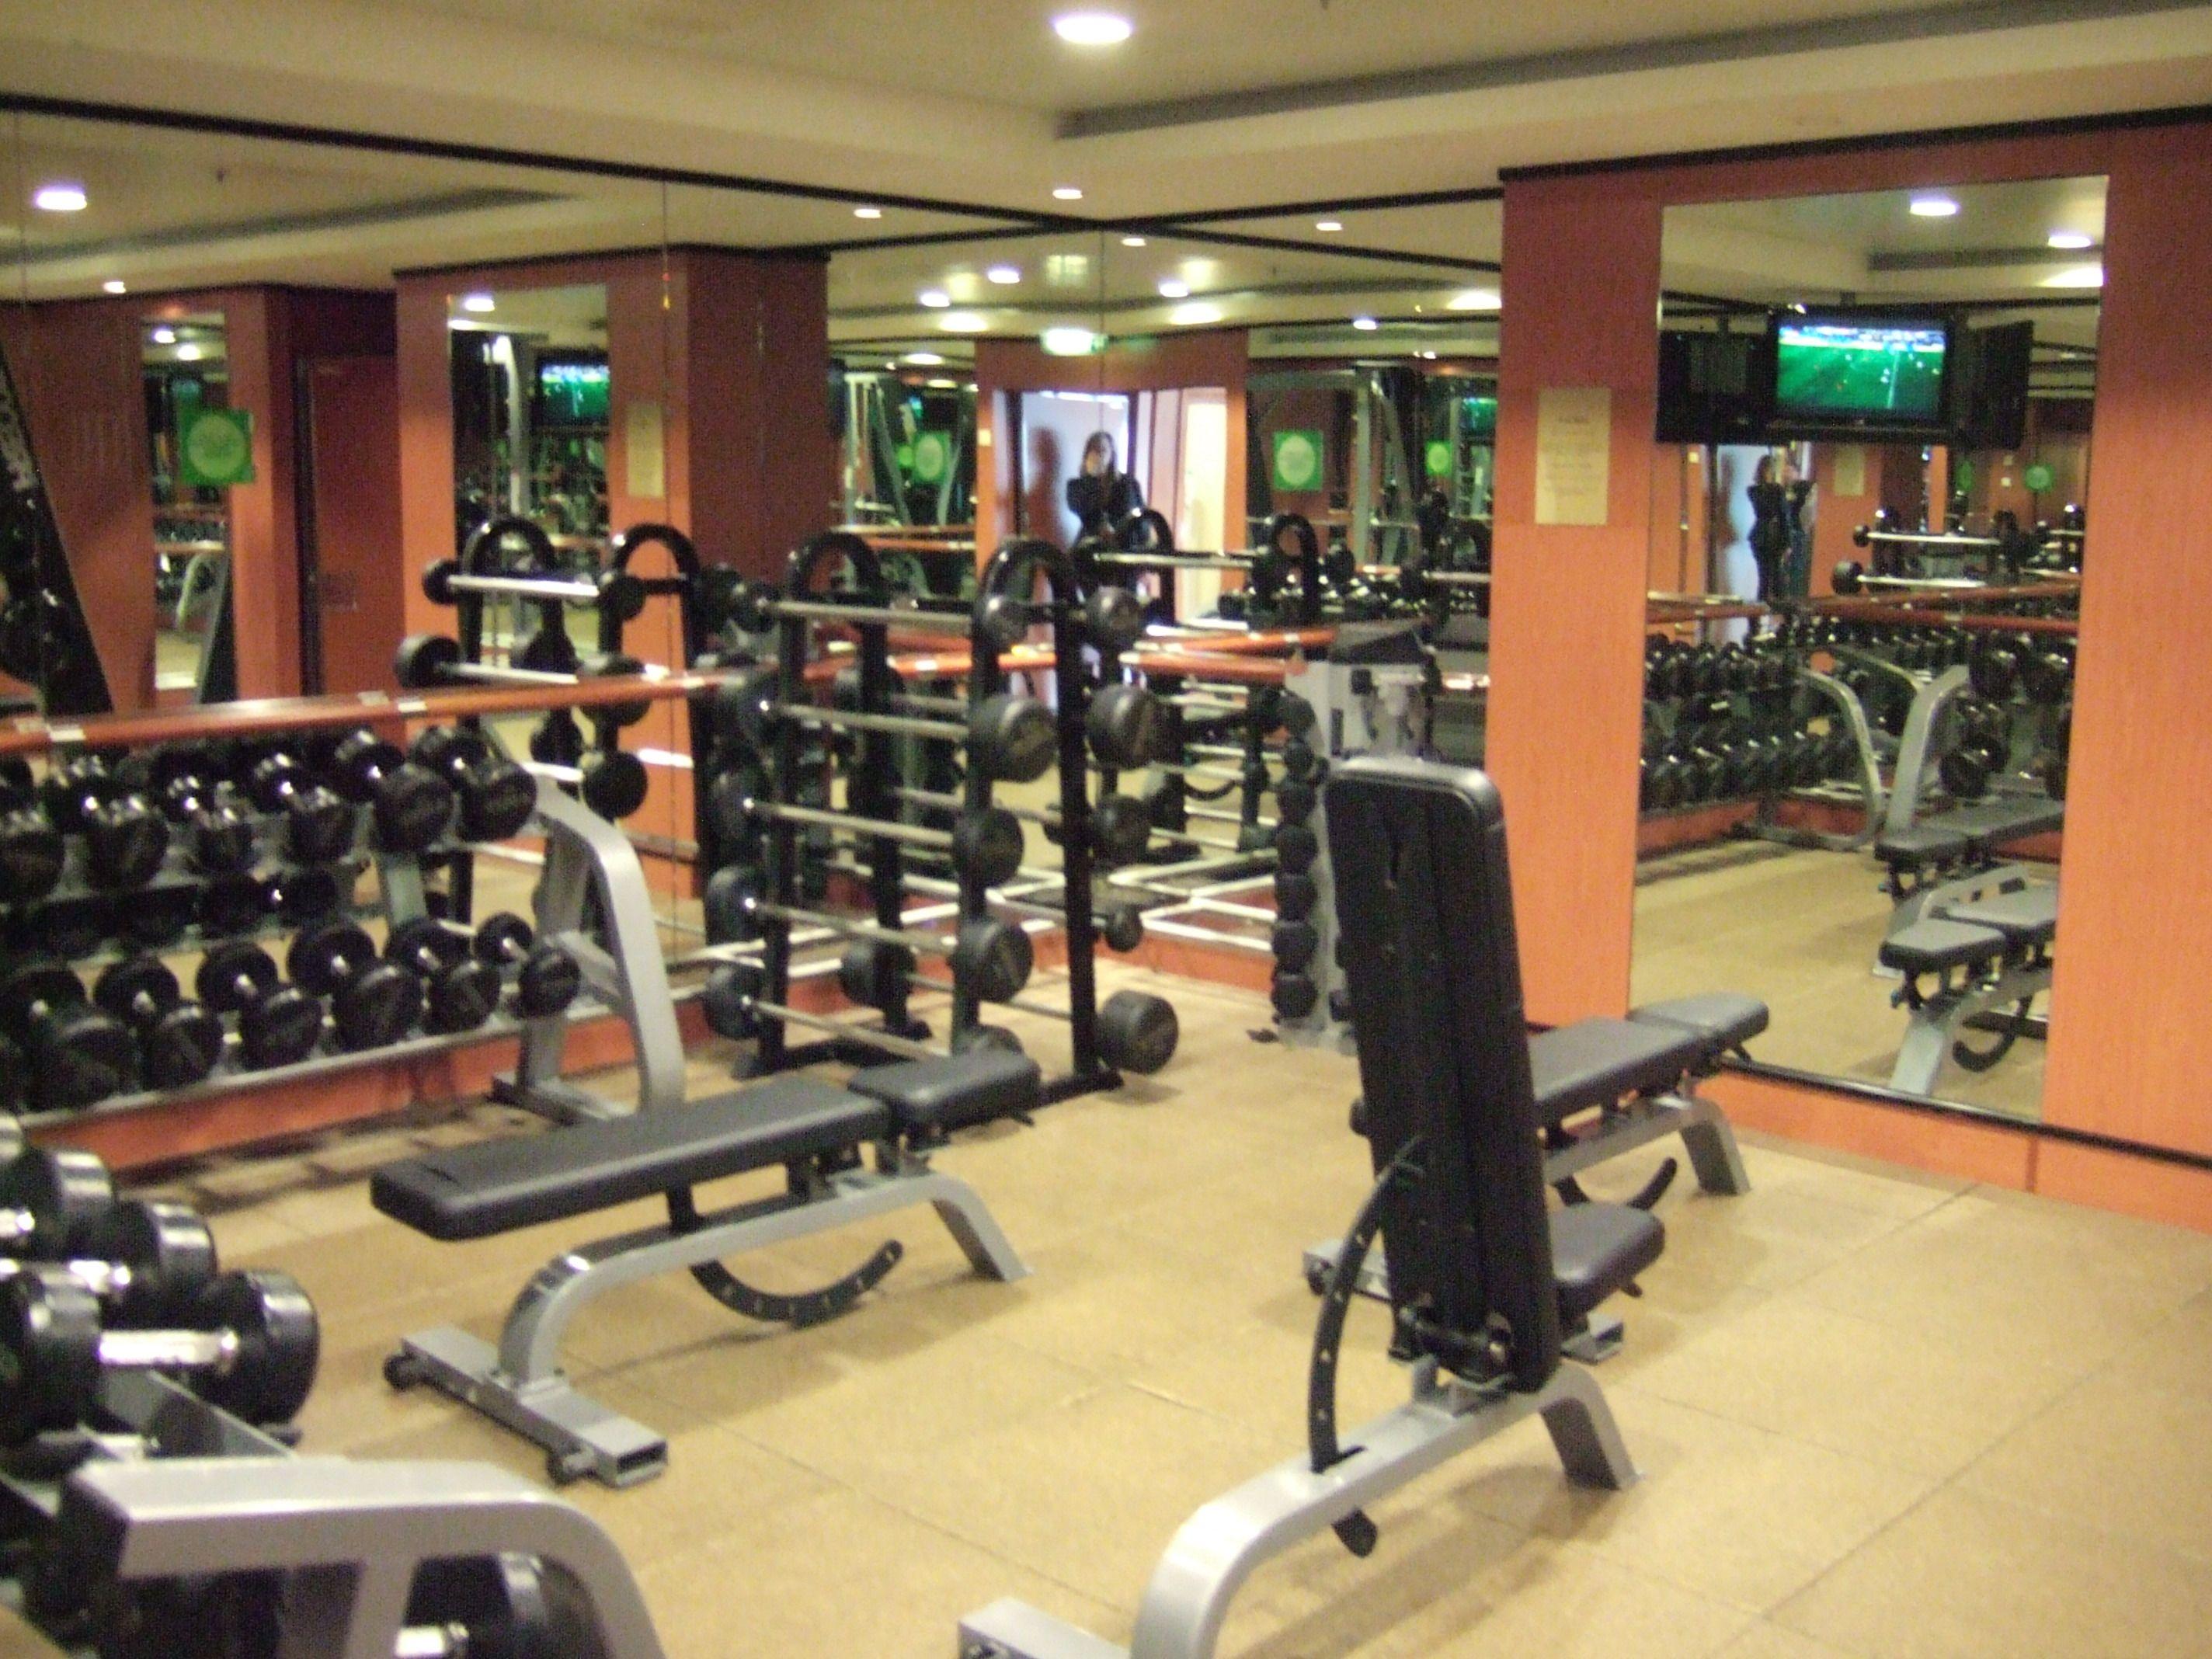 Norwegian Gem Fitness Center Free Weights Fitness Center Free Weights Ncl